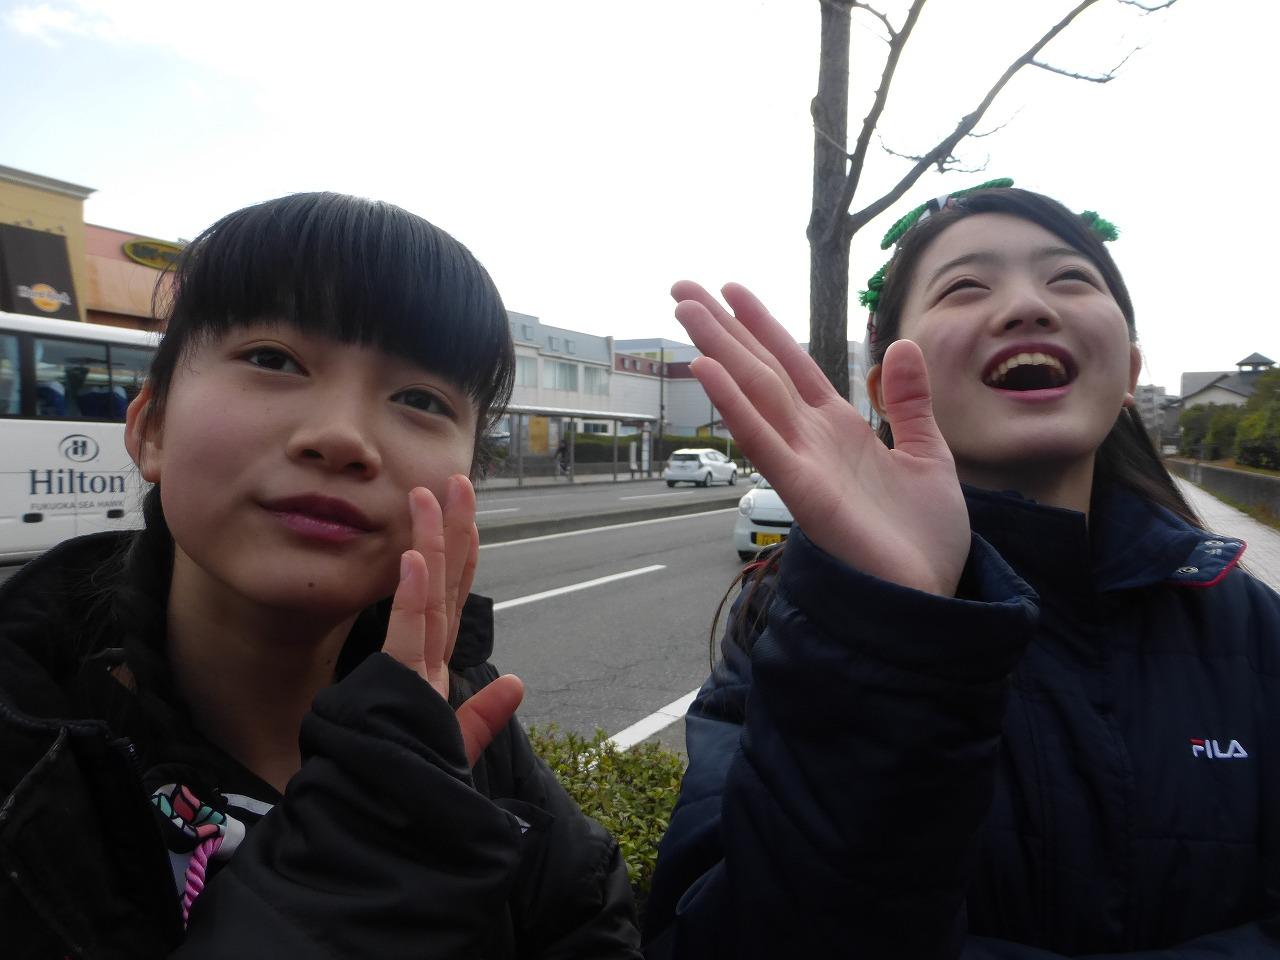 今日は「おっしょい!」のMV撮影よ!さよーでございますわねおほほほほ(左:有彩/右:愛)